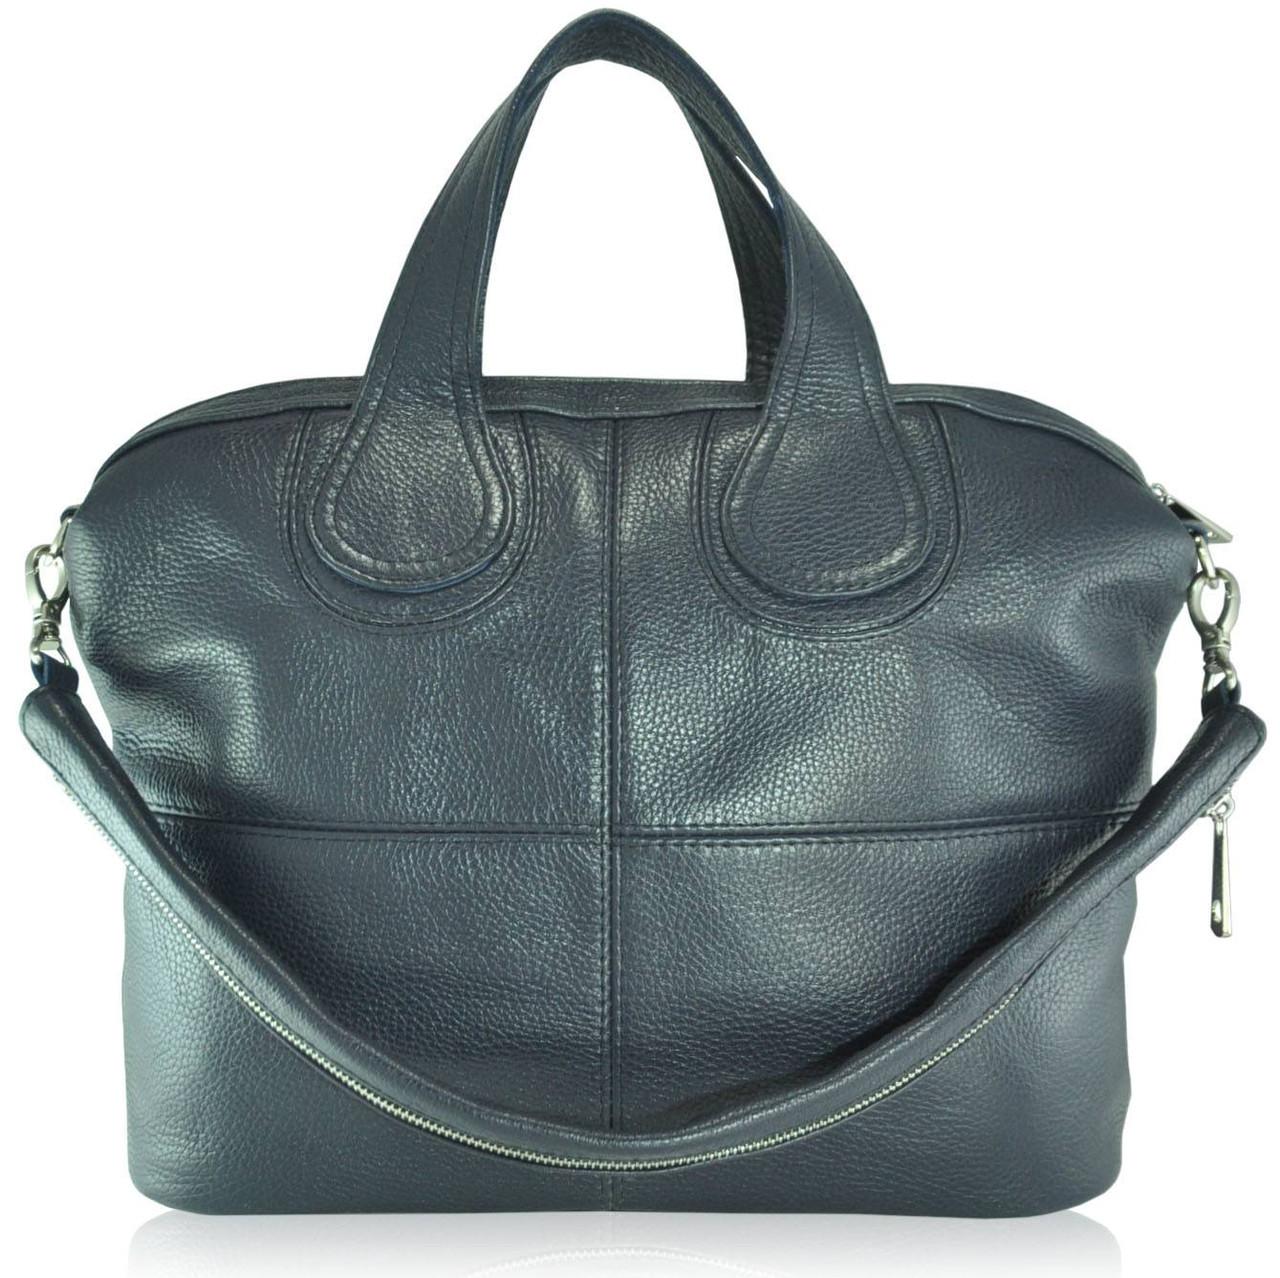 0cc7dafa58de Кожаная женская сумка Nightinghale темно-синяя - Интернет магазин